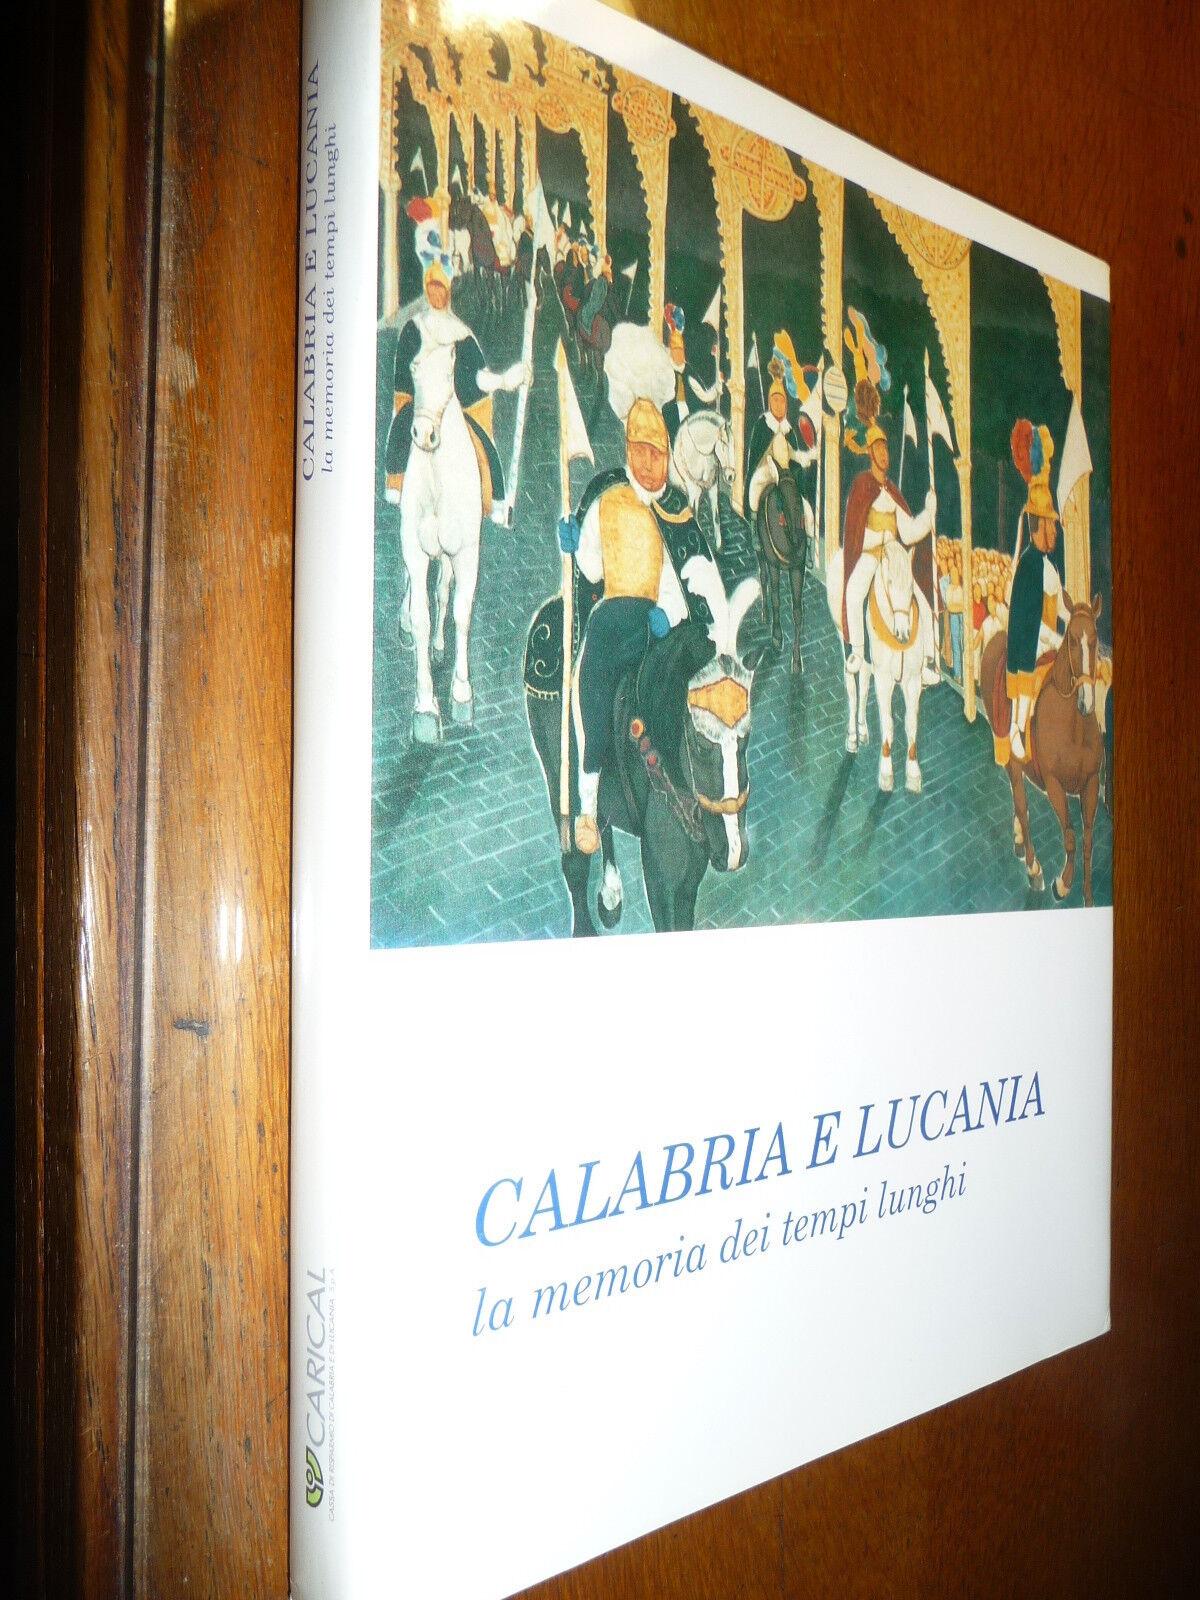 CALABRIA E LUCANIA LA MEMORIA DEI TEMPI LUNGHI TRADIZIONI POPOLARI VITA COSTUMI